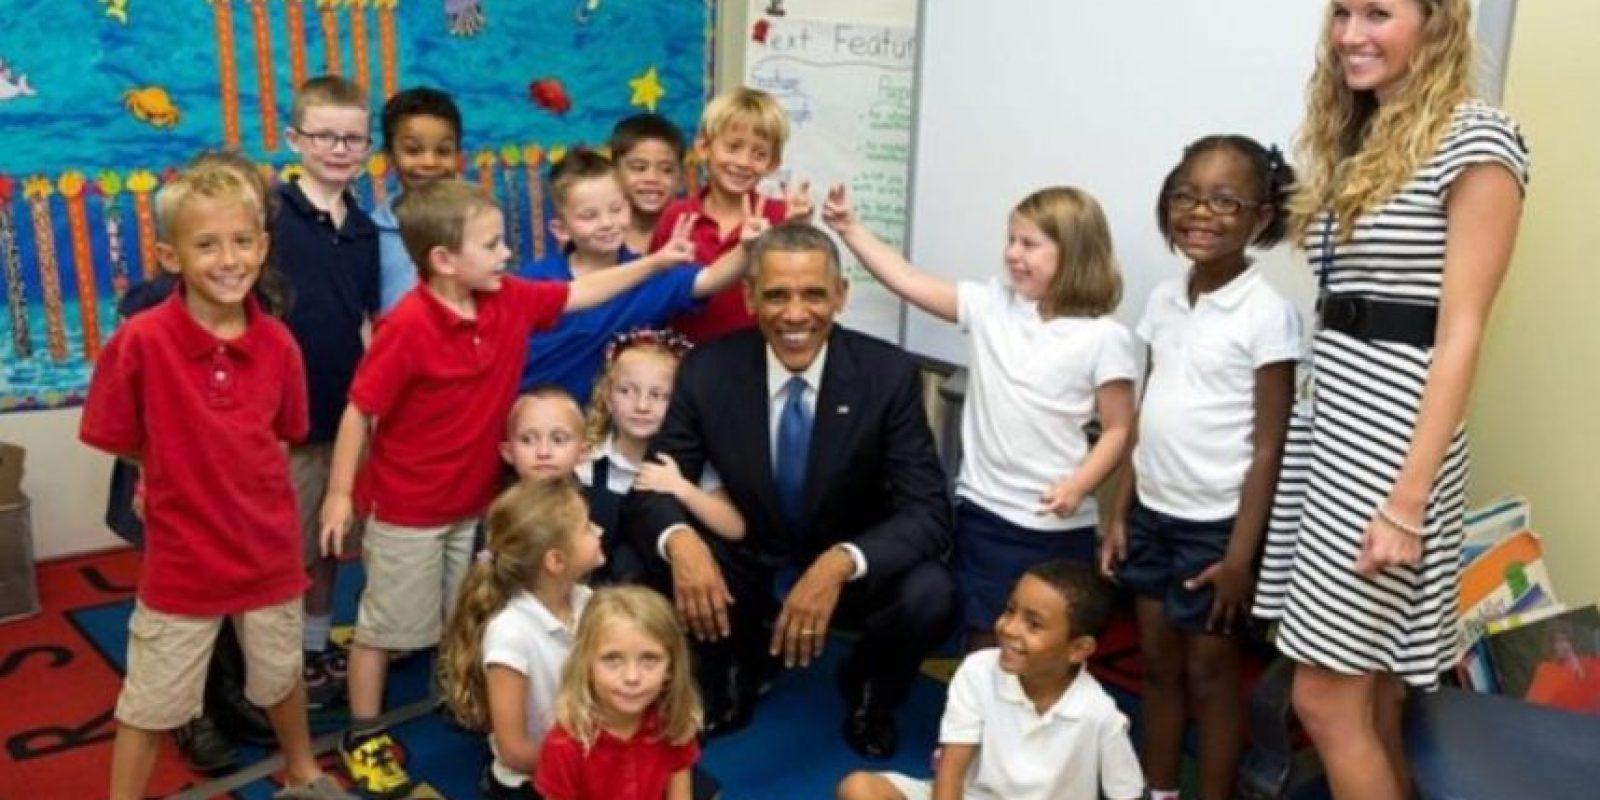 El presidente no se enoja si lo molestan poniéndole cuernos. Foto: Vía whitehouse.gov/photos